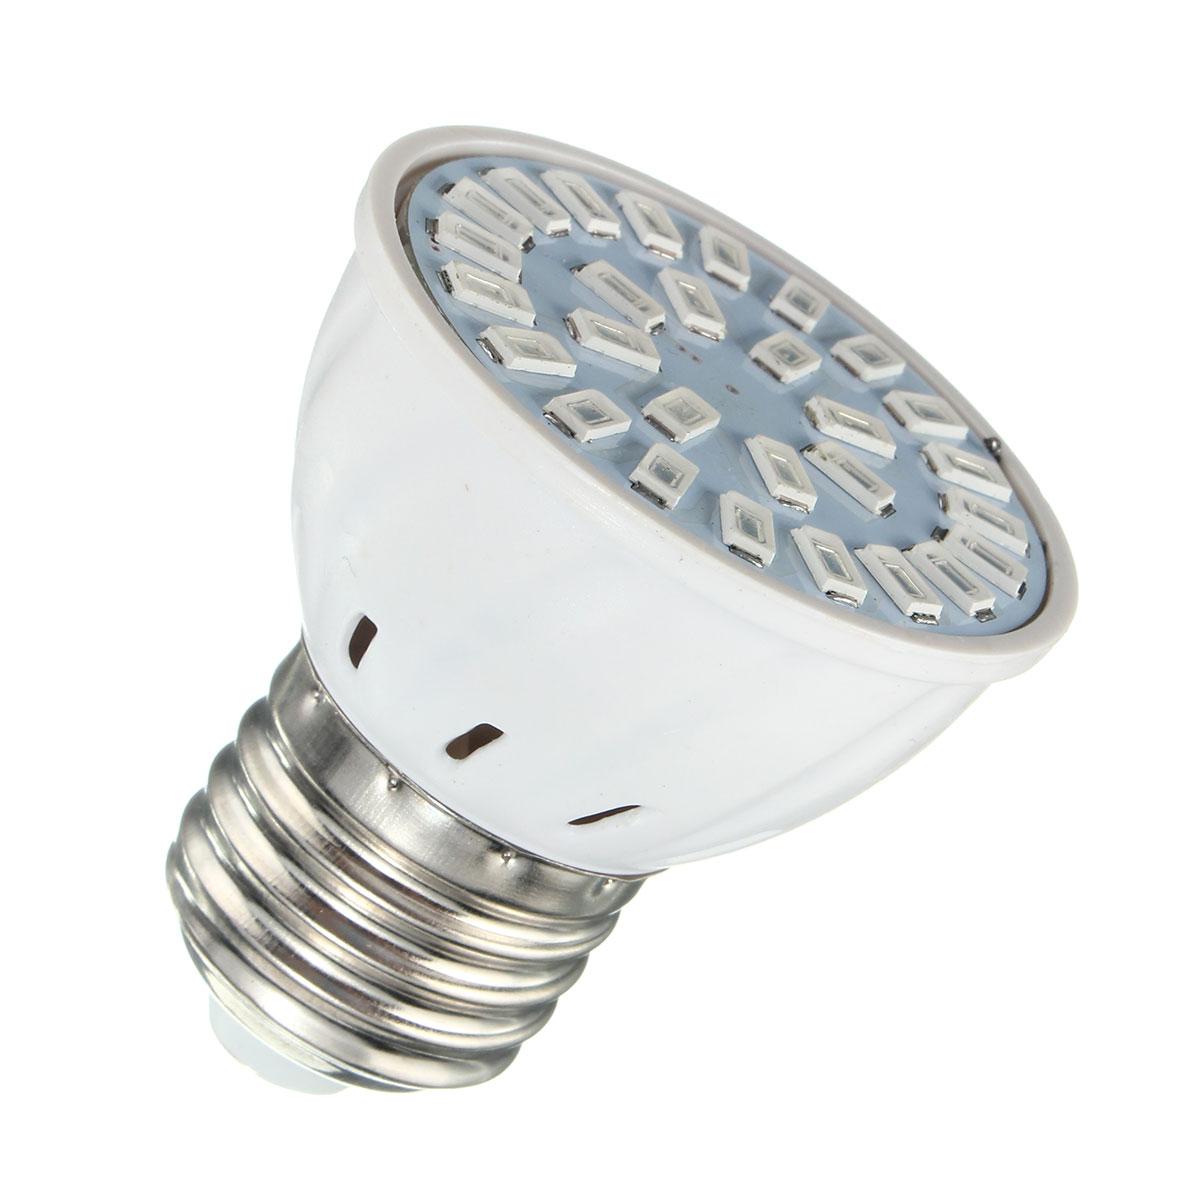 E27 4w Led Grow Light Planting Flower Lamp Bulb Full Sp For Sale